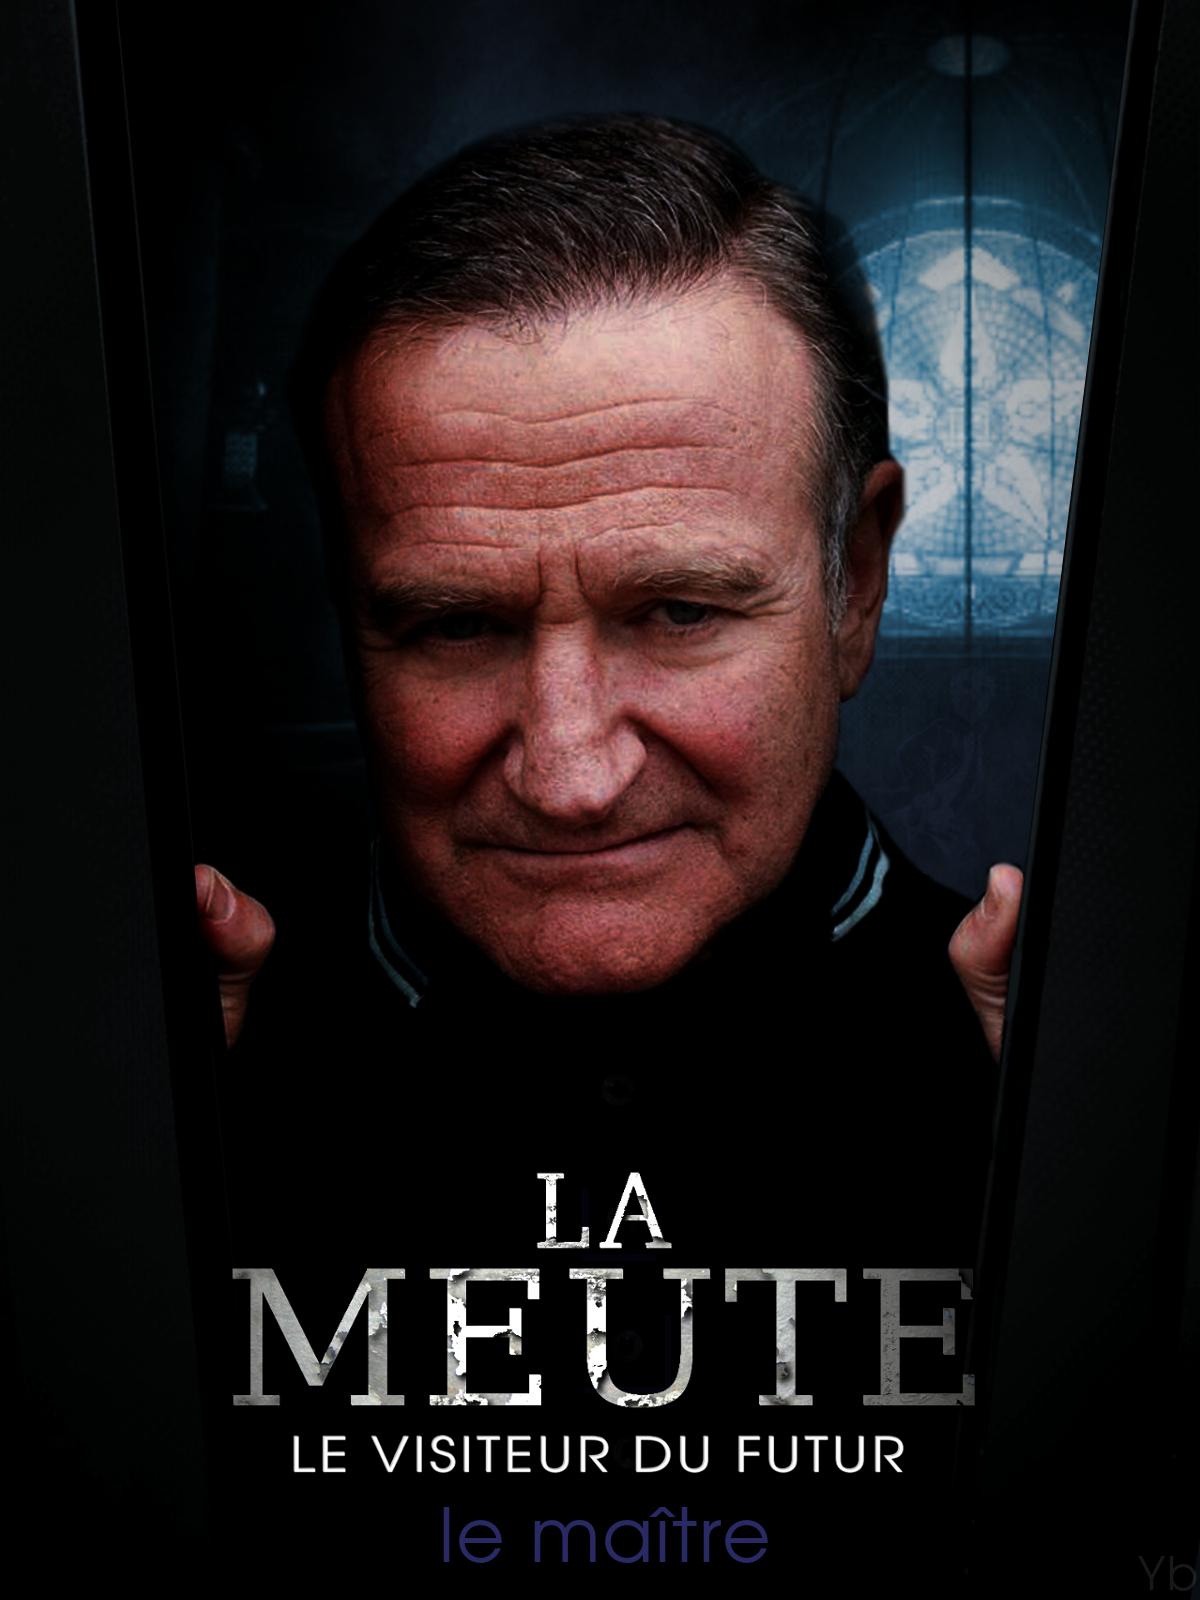 La Gazette de Néo-Versailles : Concours de Fan-art La Meute  (N°9 - Février 2015) 05_Lemaitre05